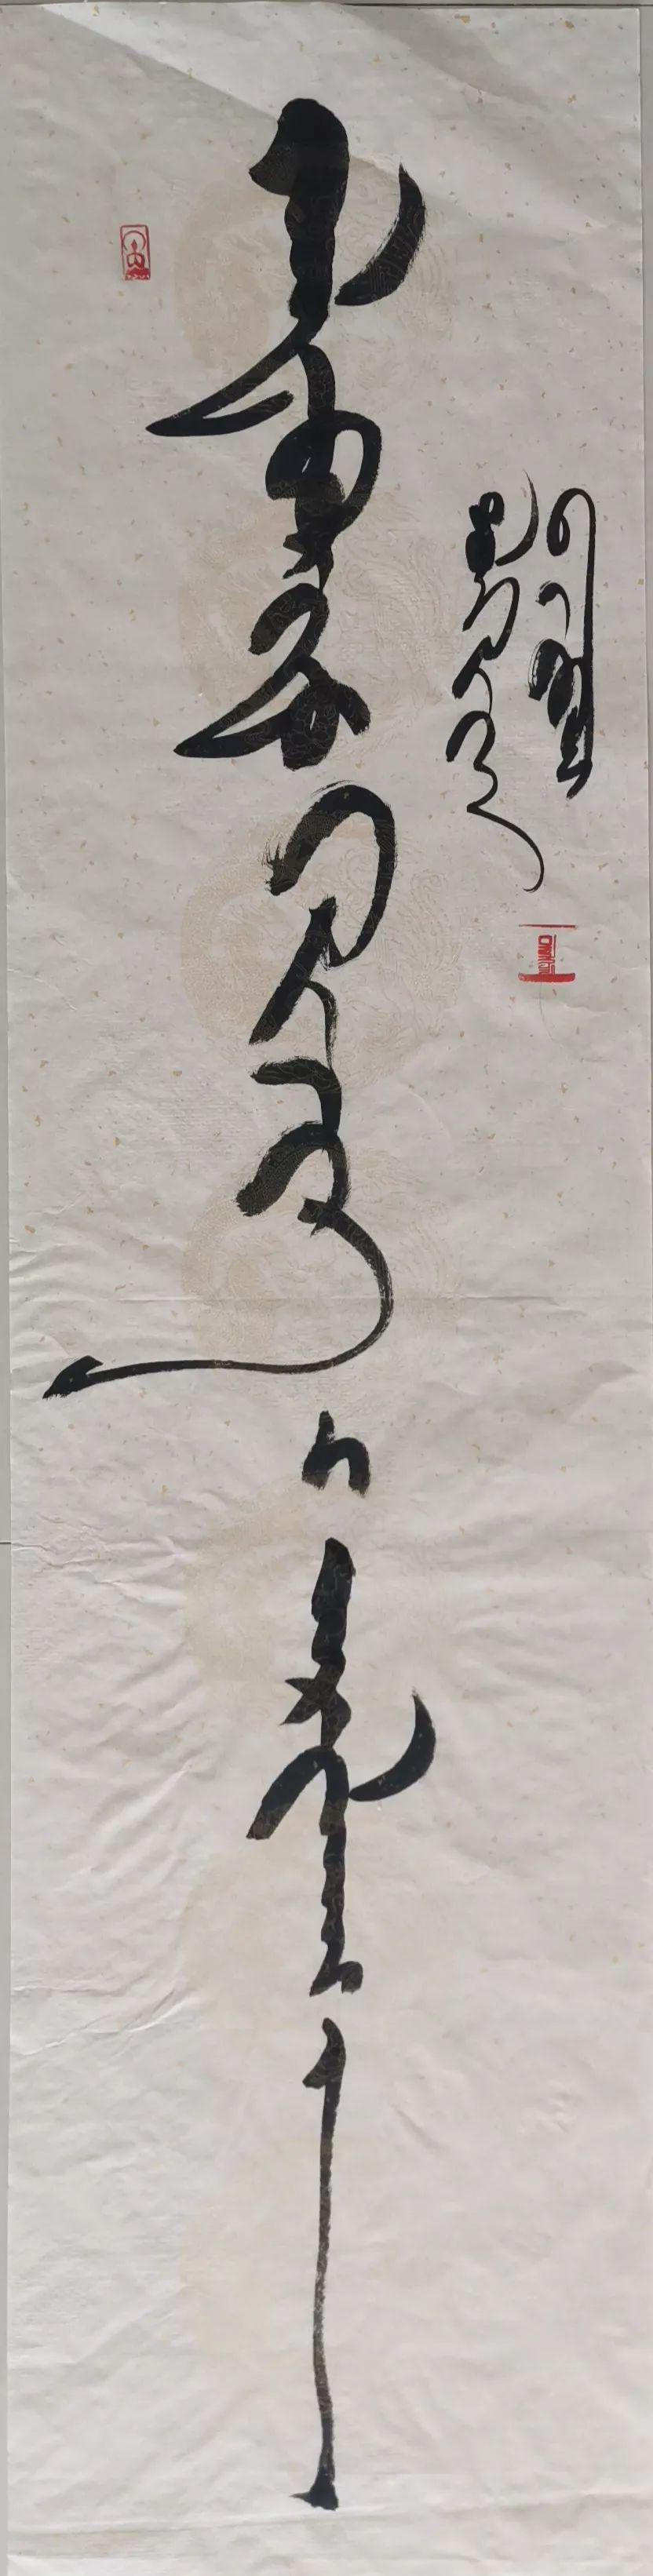 内蒙古书法家在行动:笔墨凝斗志,作品助抗疫 第13张